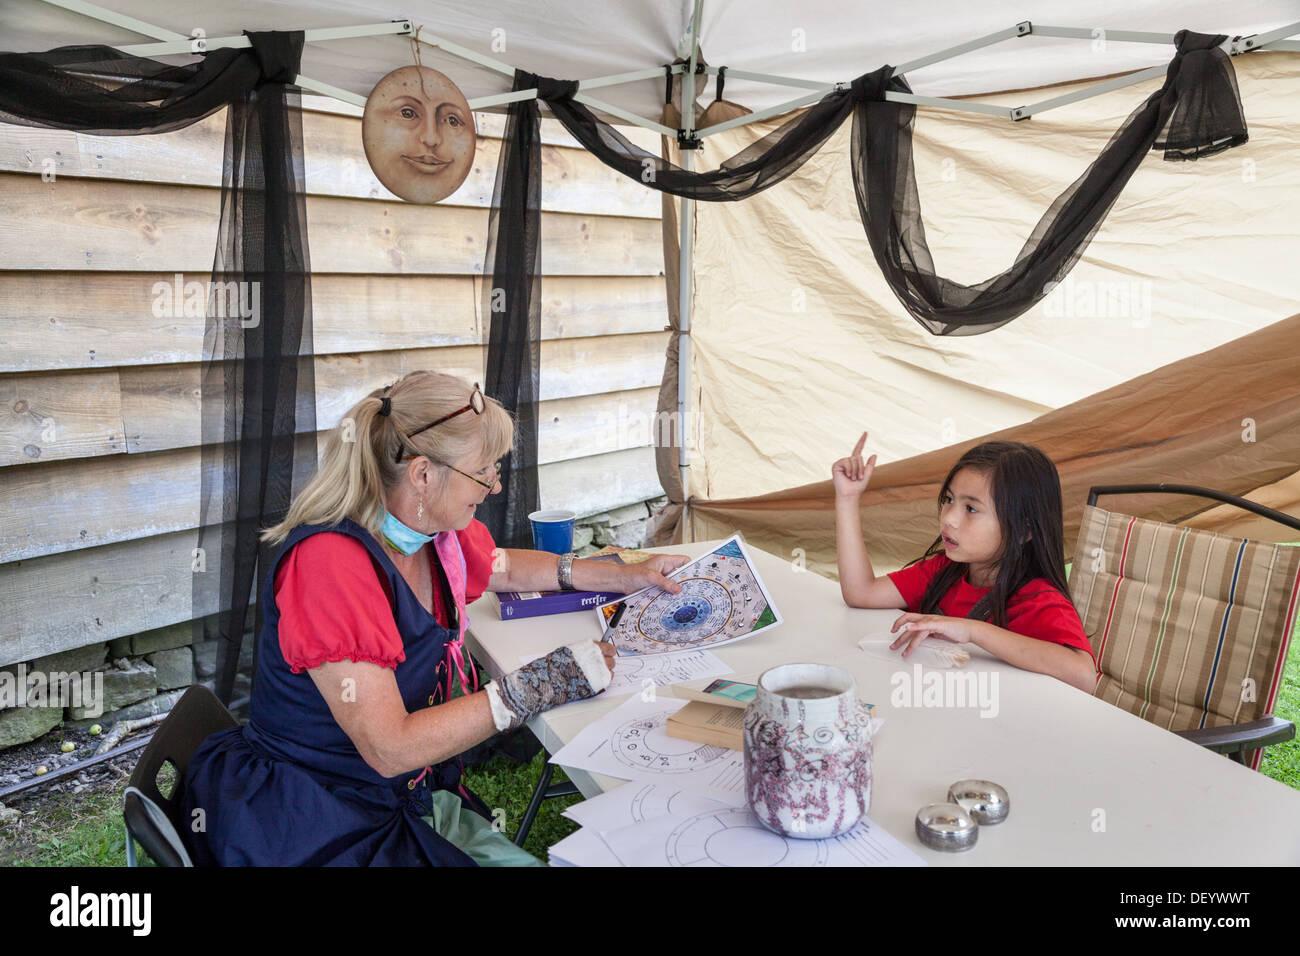 Wahrsagerin Horoskop von kleinen Mädchen zu lesen. Mittelalterliches Festival, Bundesstaat New York, Montgomery County Stockbild